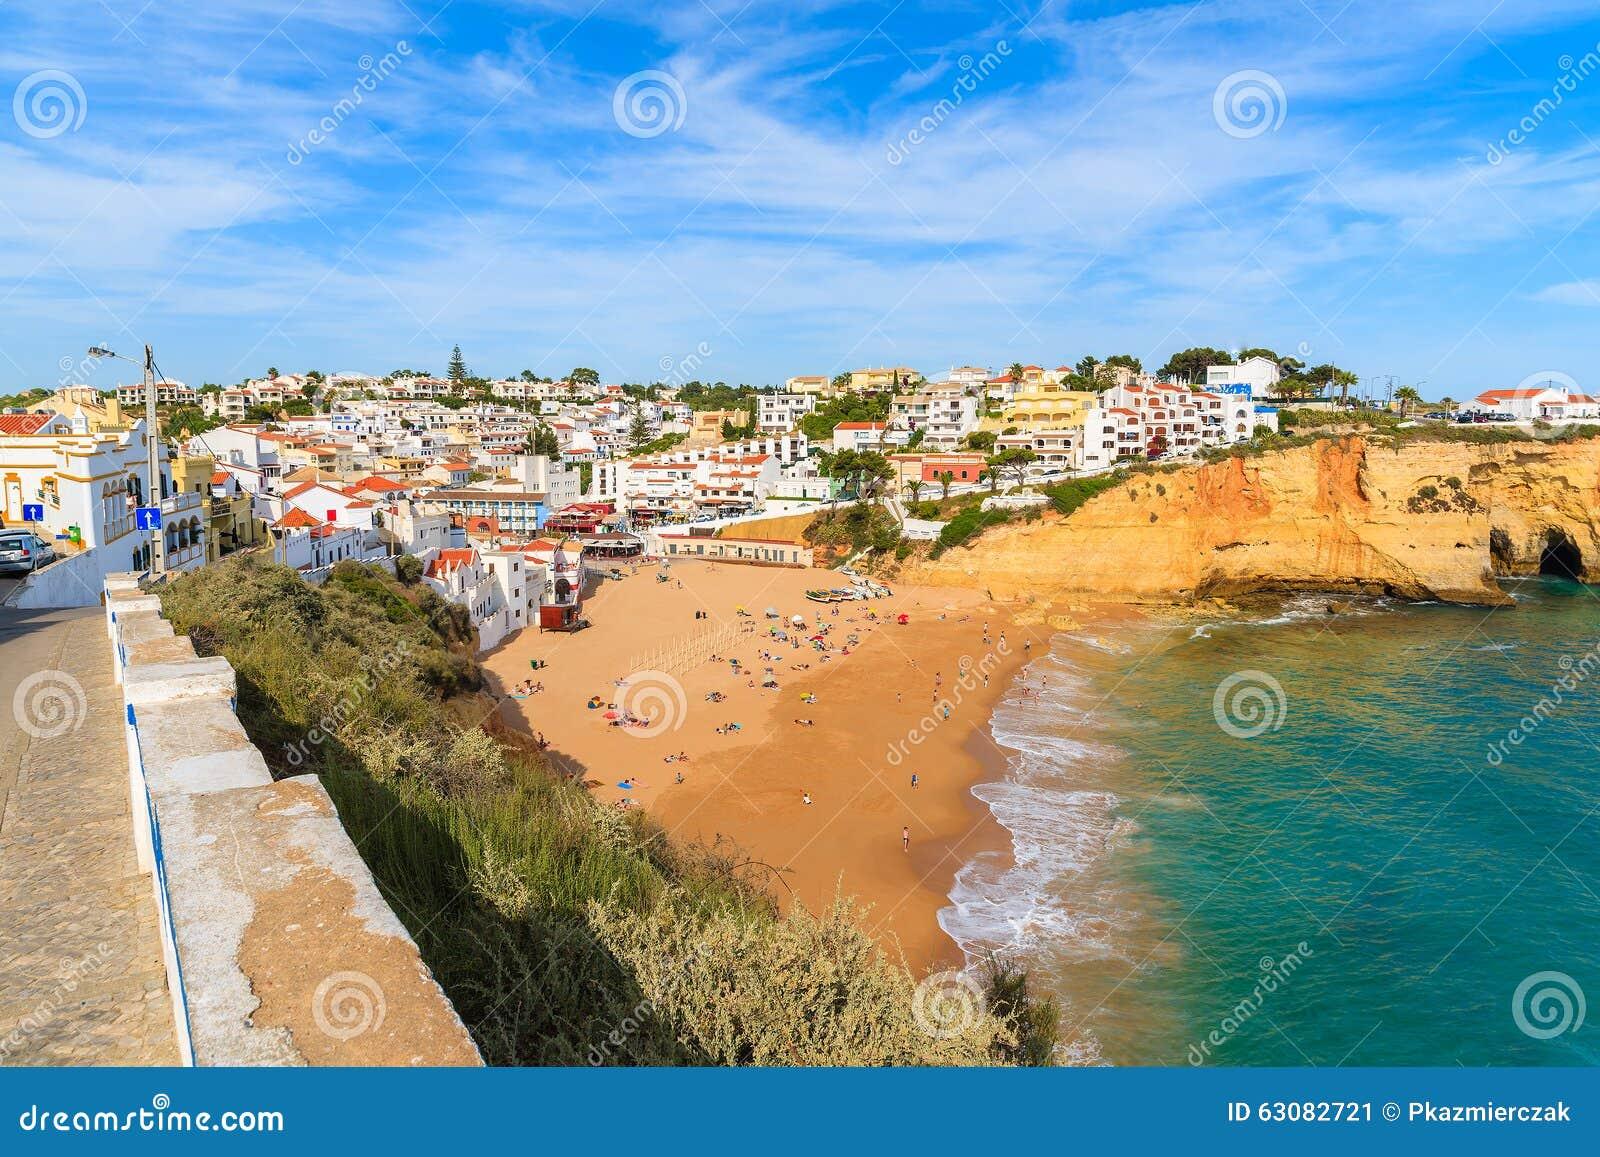 Download Une Vue De Belle Plage Dans La Ville De Carvoeiro Image stock - Image du ciel, seascape: 63082721